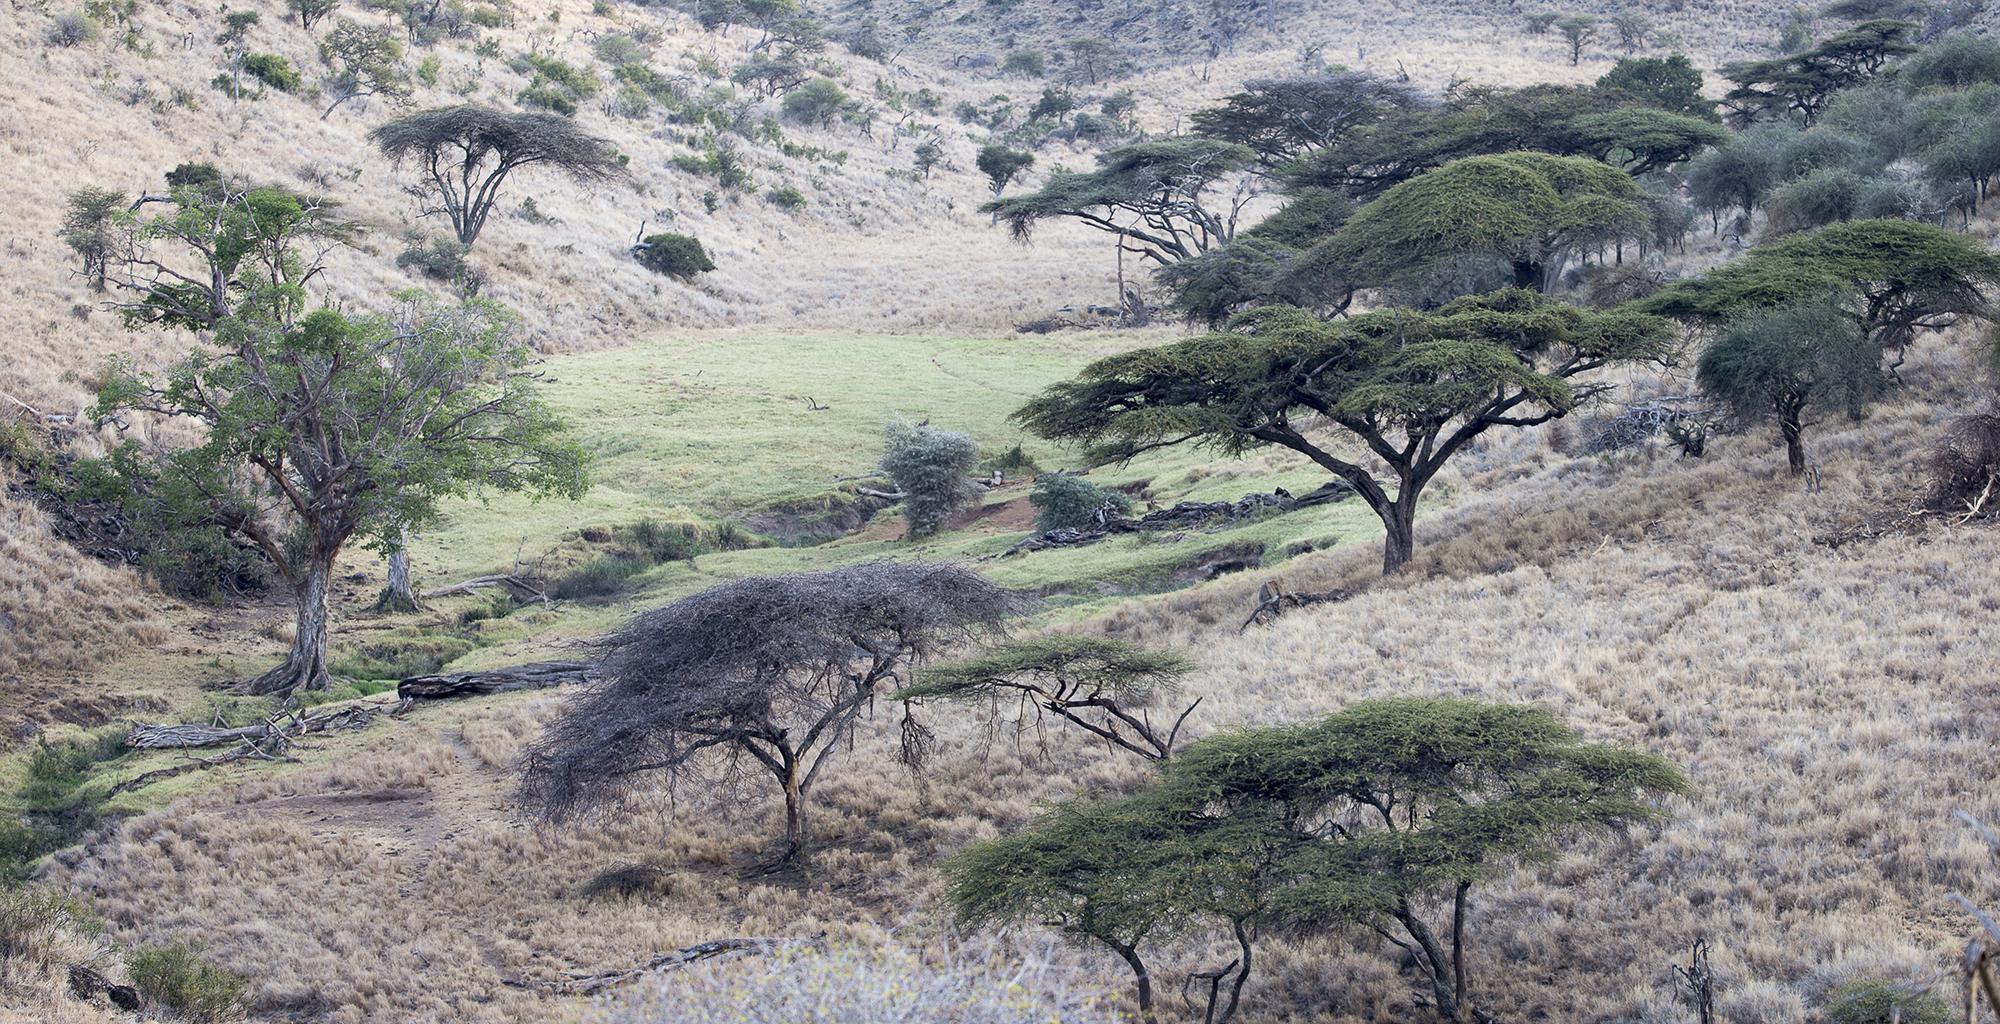 Kenya-Walking-Wild-Landscape